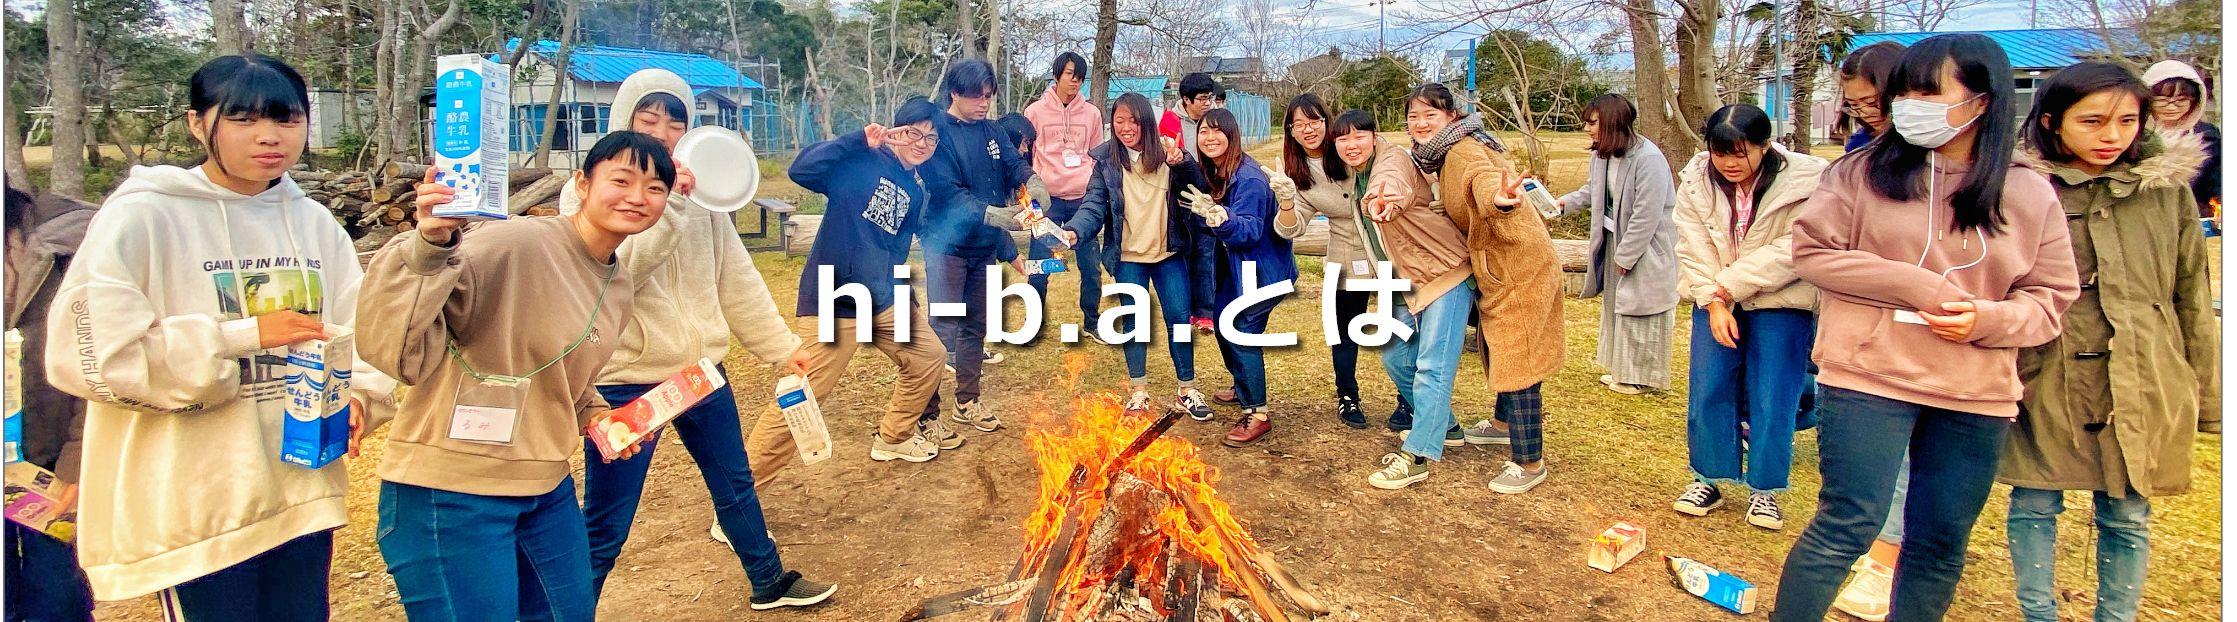 hi-b.a.とは